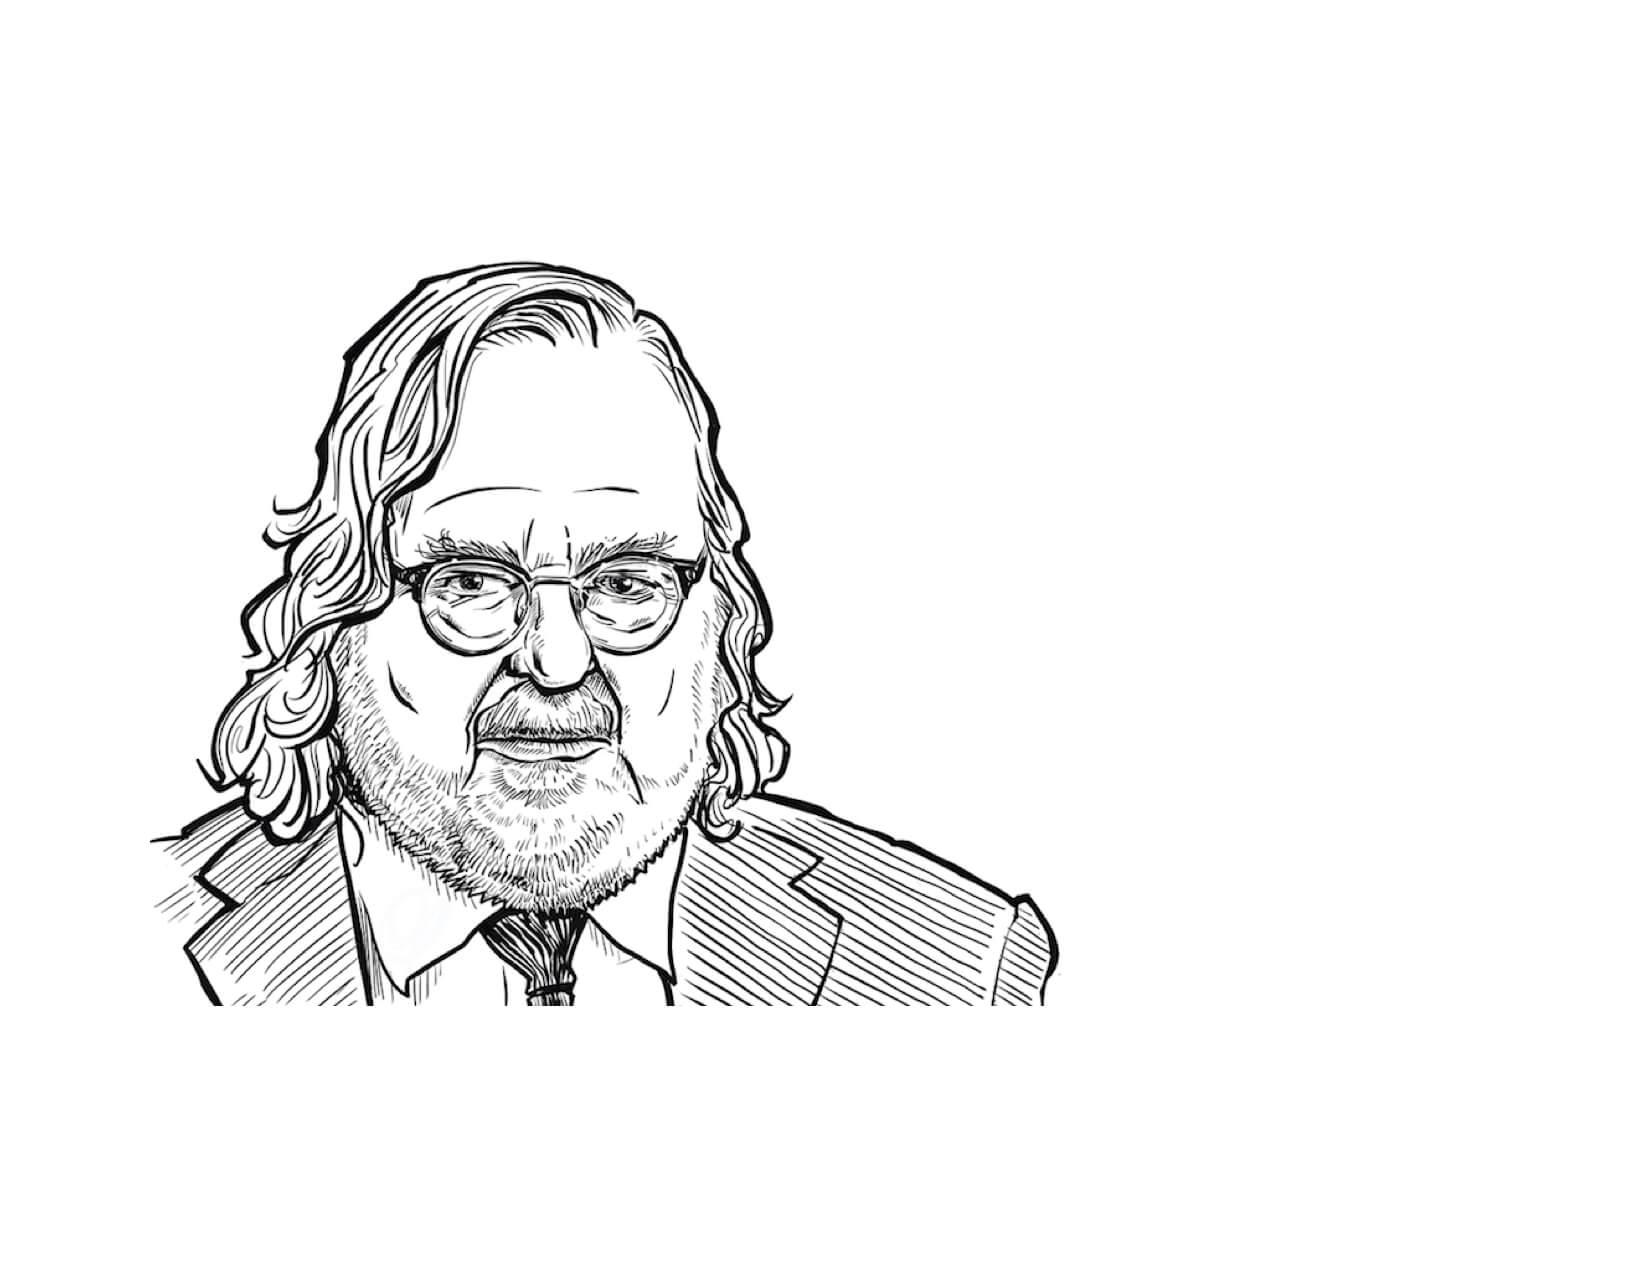 A new Texas icon: Nobel laureate James Allison, Ph.D